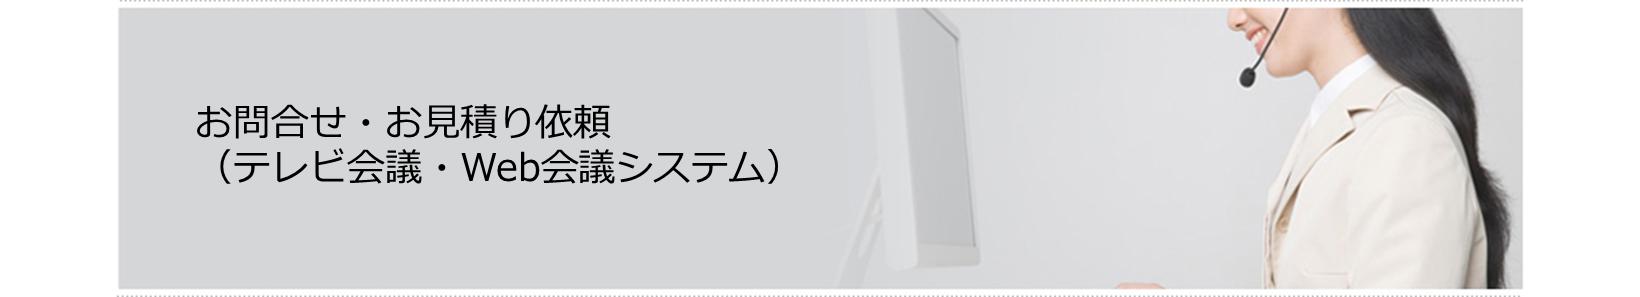 お問い合わせ・お見積もり依頼(テレビ会議・Web会議システム)